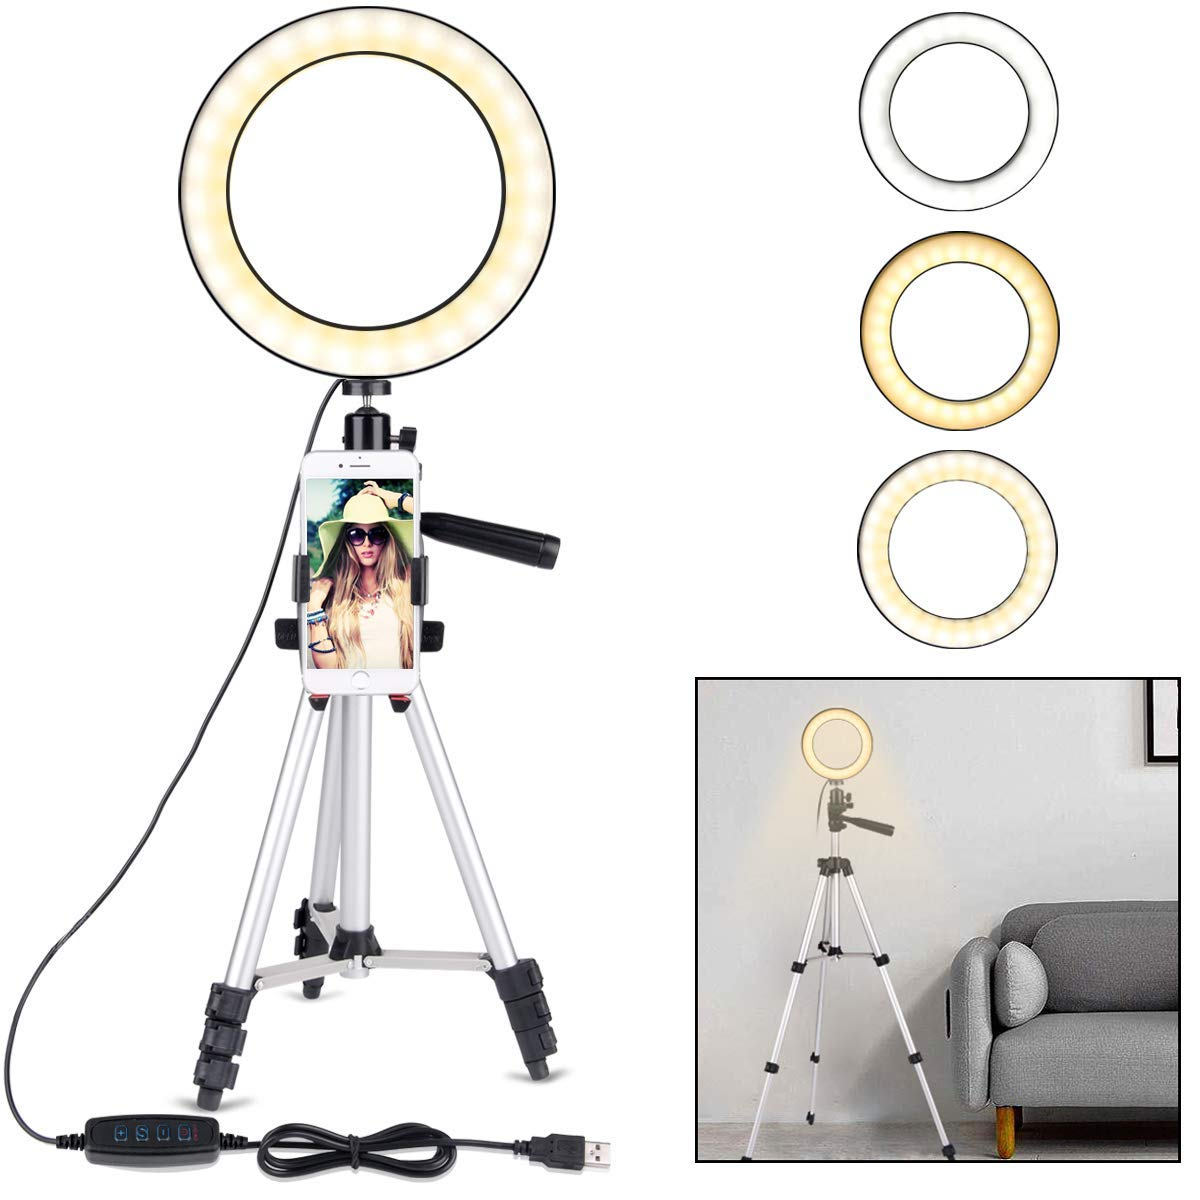 Anillo de luz de Selfie portátil con soporte de trípode para transmisión en vivo-Anillo de luz LED con soporte de teléfono para iPhone Samsung YouTube